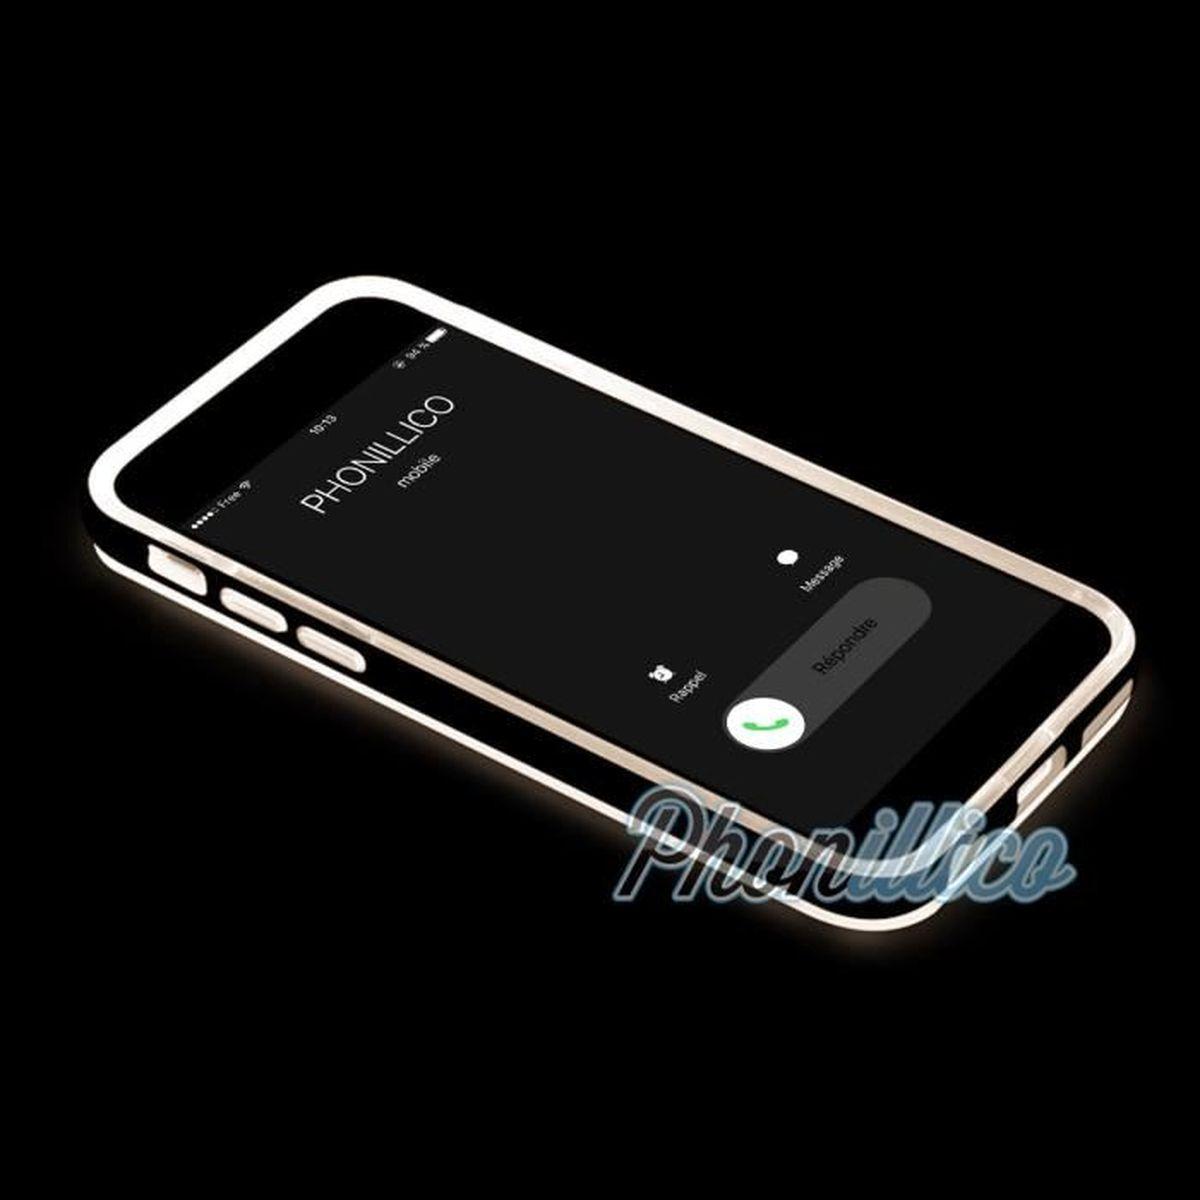 coque de iphone 5 qui s alume